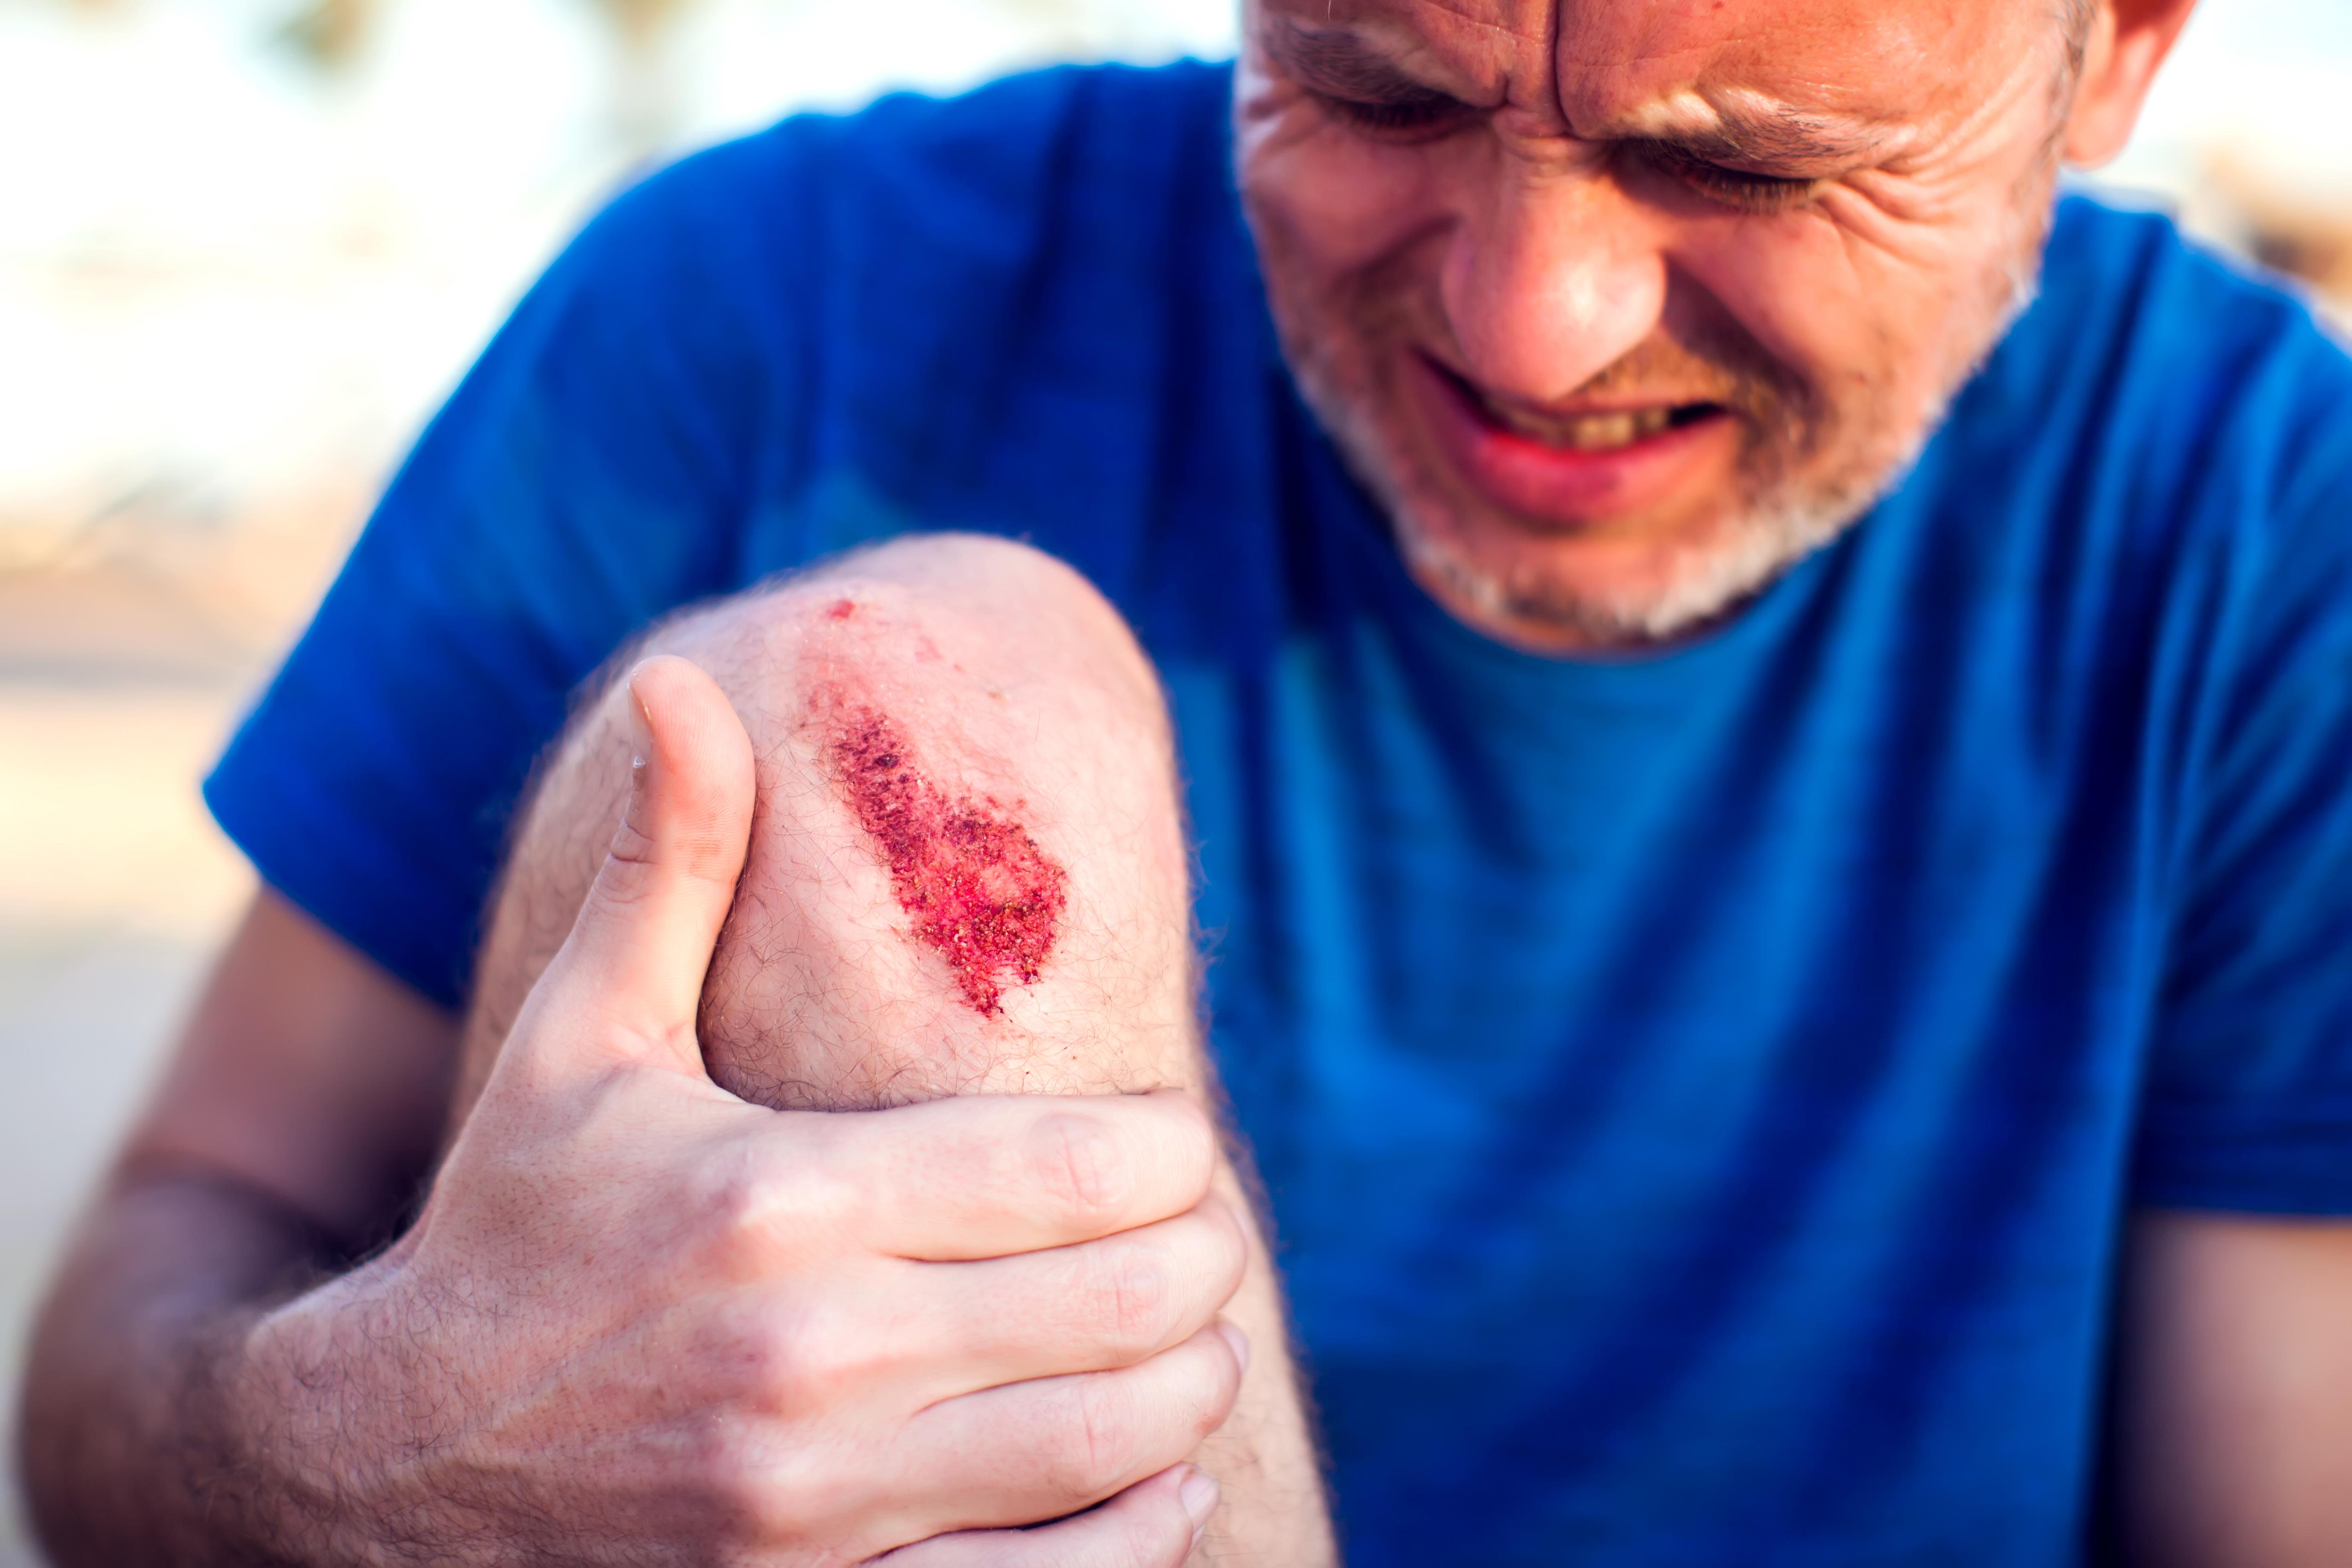 Ett skrubbsår kan göra ack så ont, men rätt rengjort är det oftast ganska ofarligt.